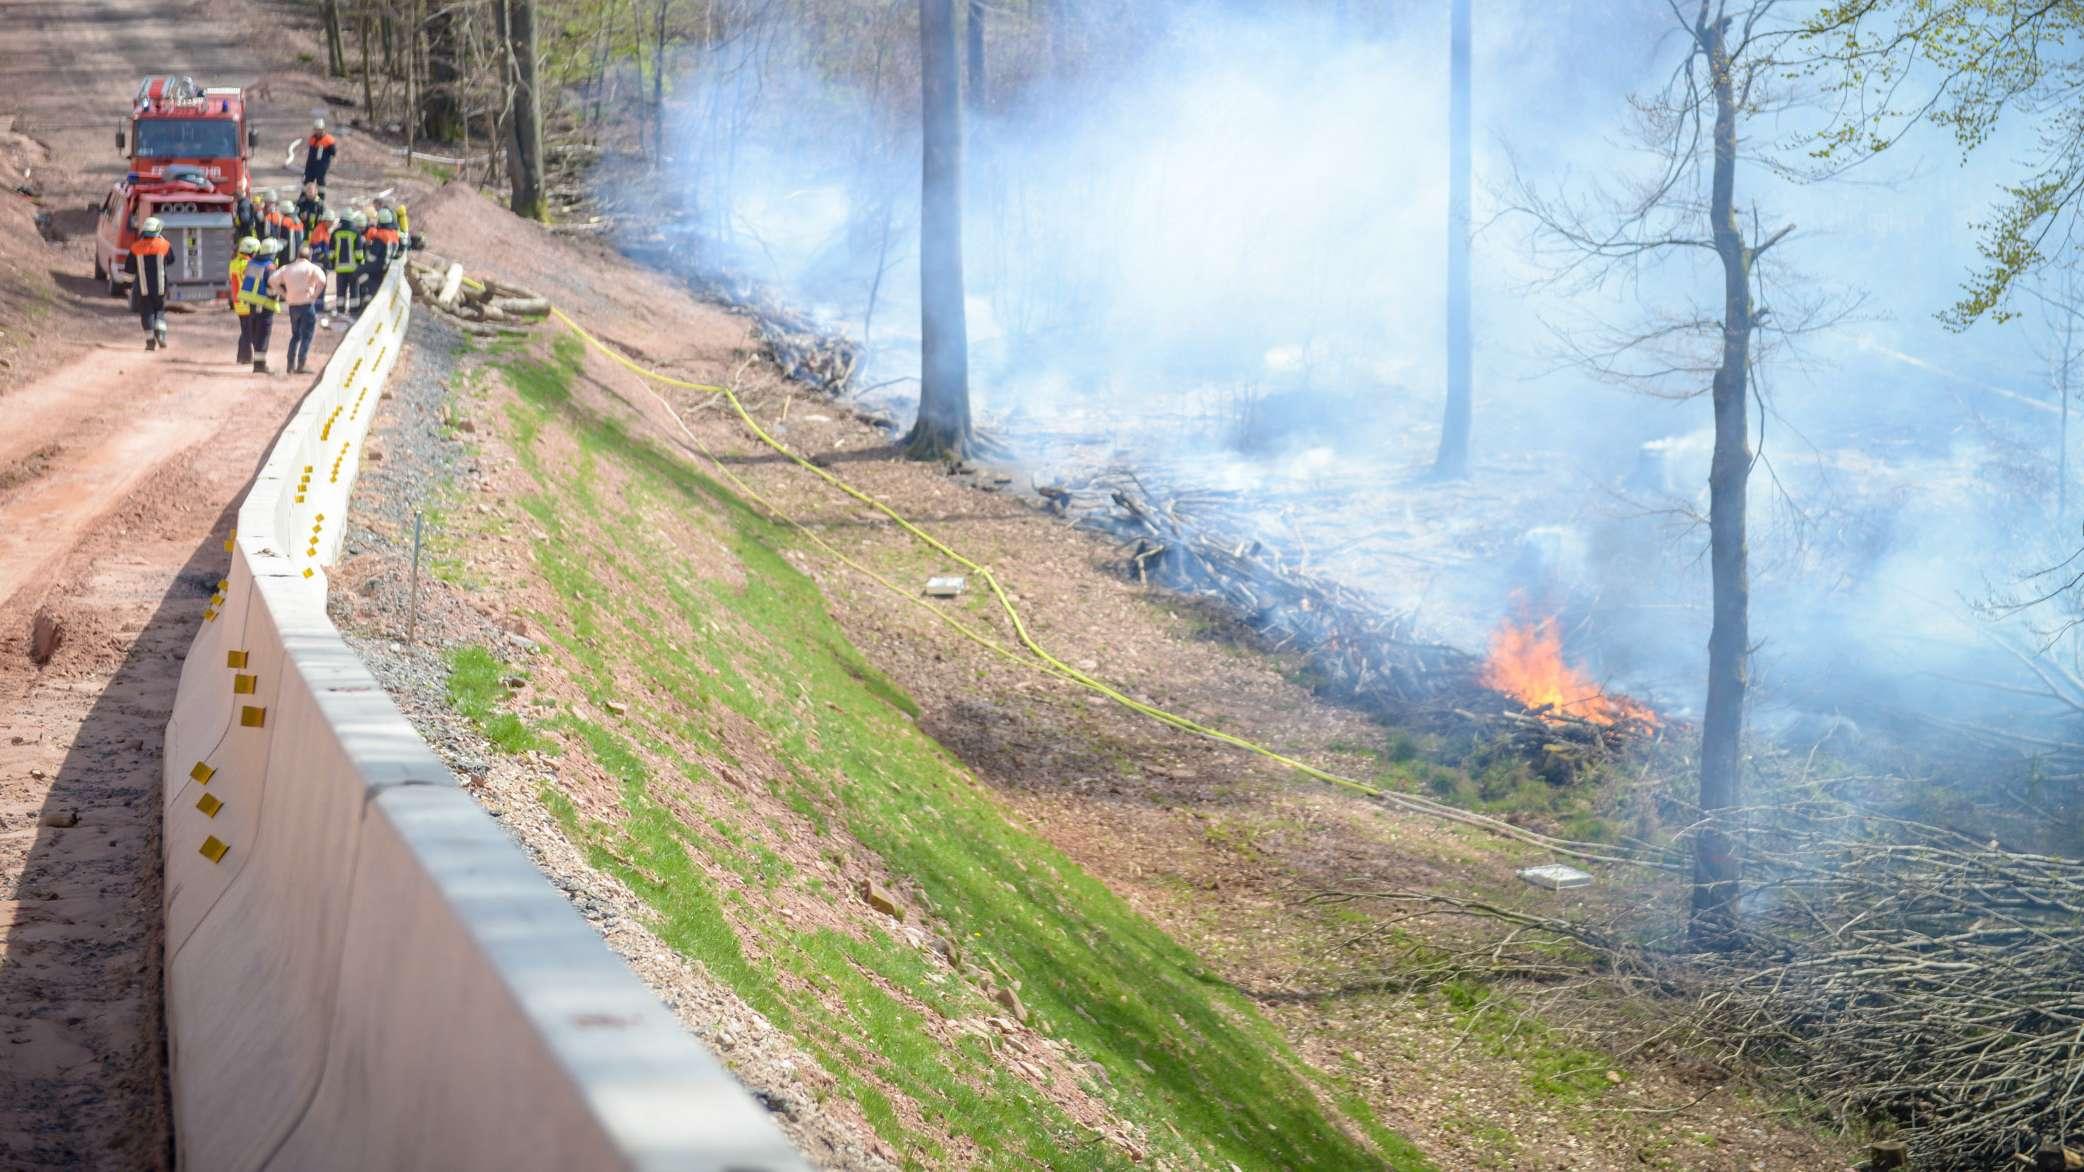 Waldbrand bei Bischbrunn im Landkreis Main-Spessart